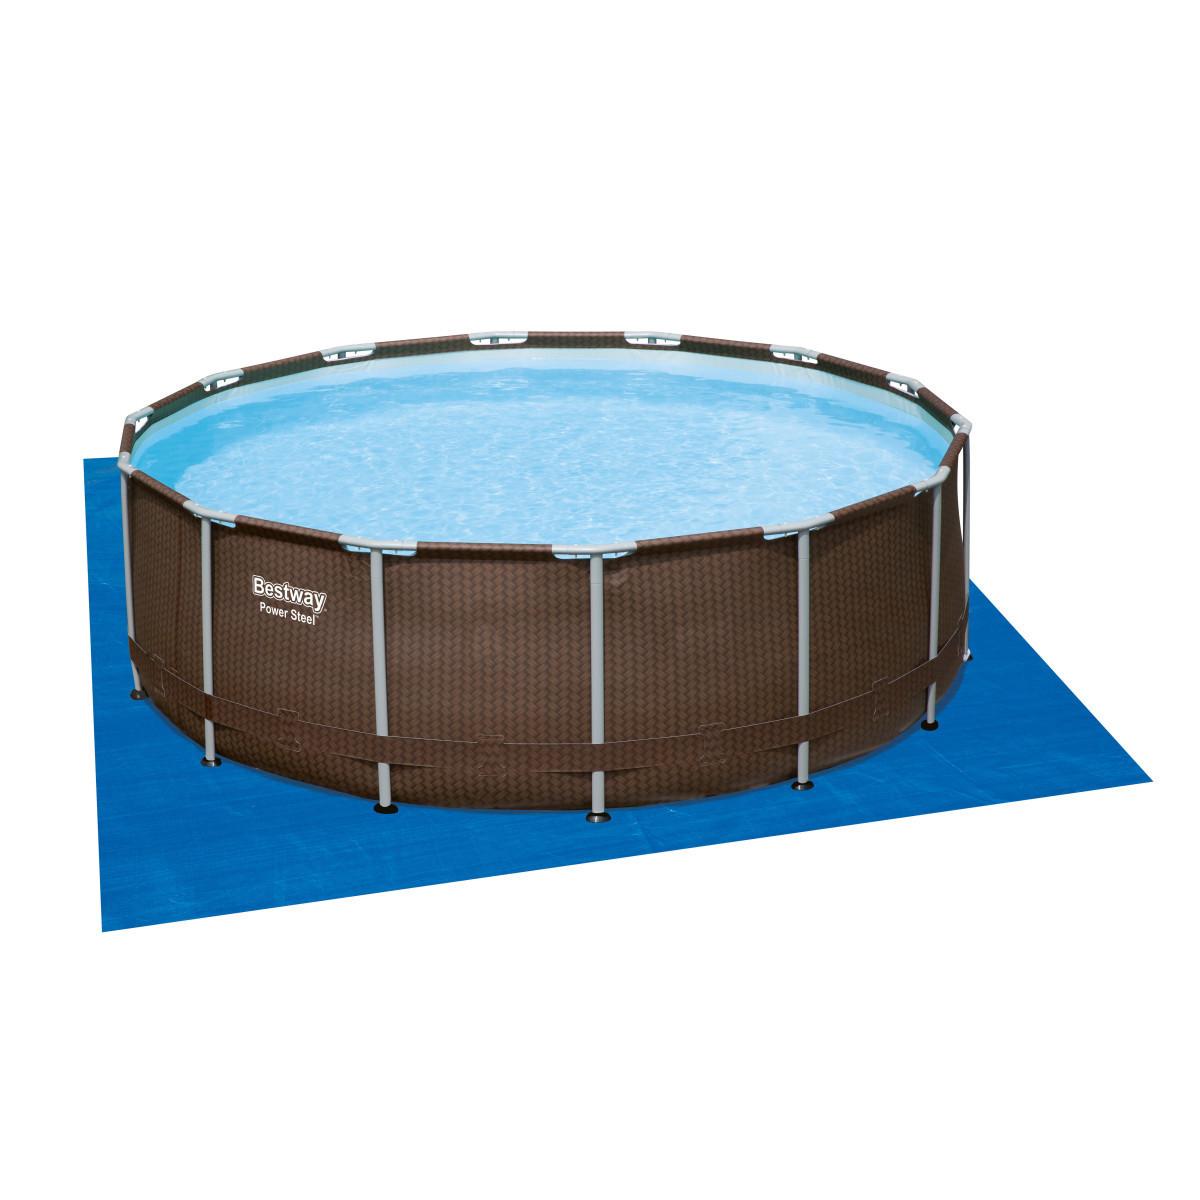 Каркасный круглый бассейн BestWay Ротанг 56664 (427x107 см)